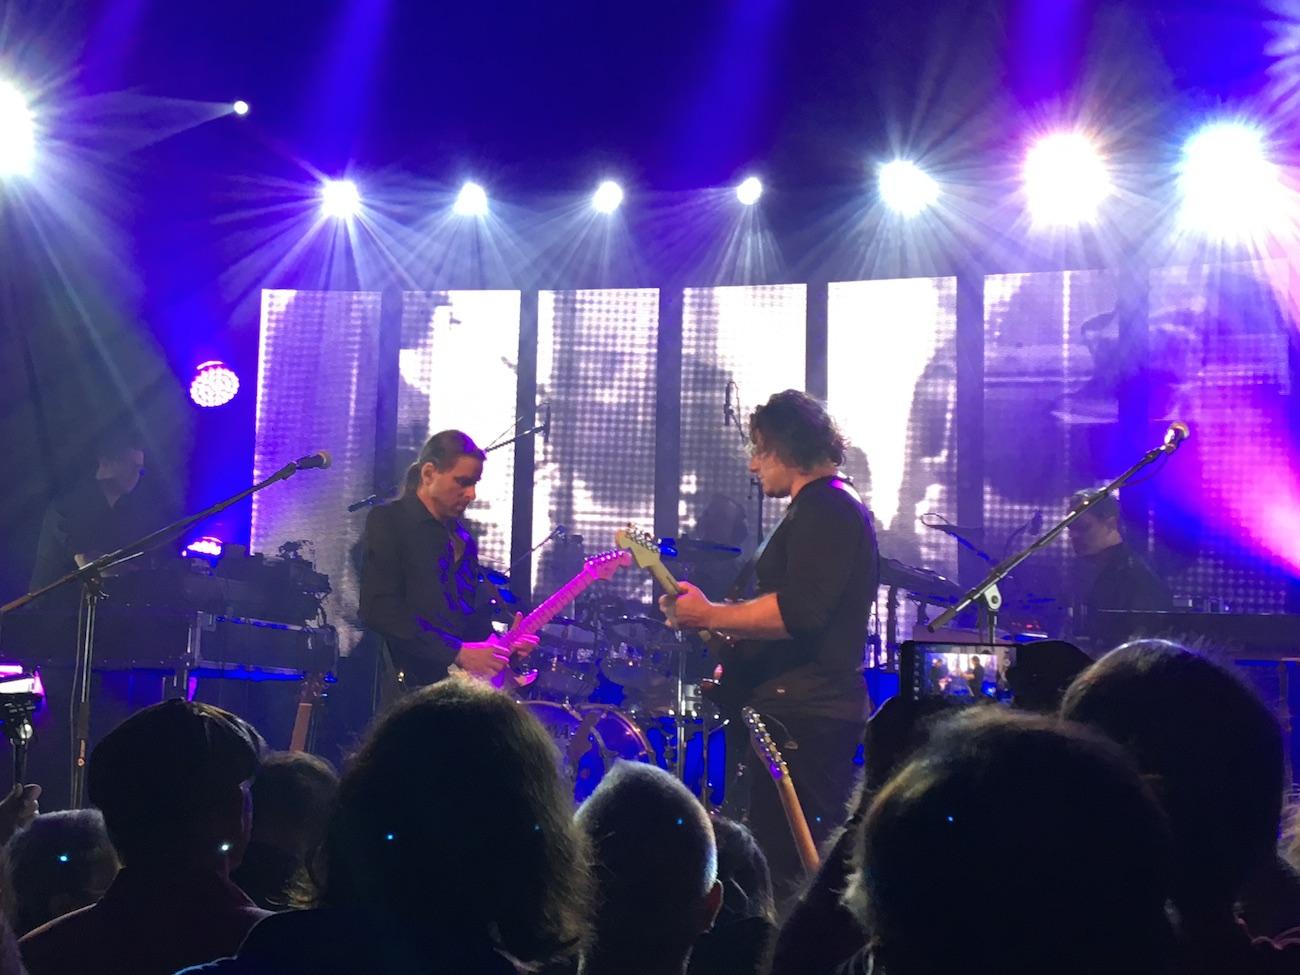 Ein weiteres Foto vom Konzert.